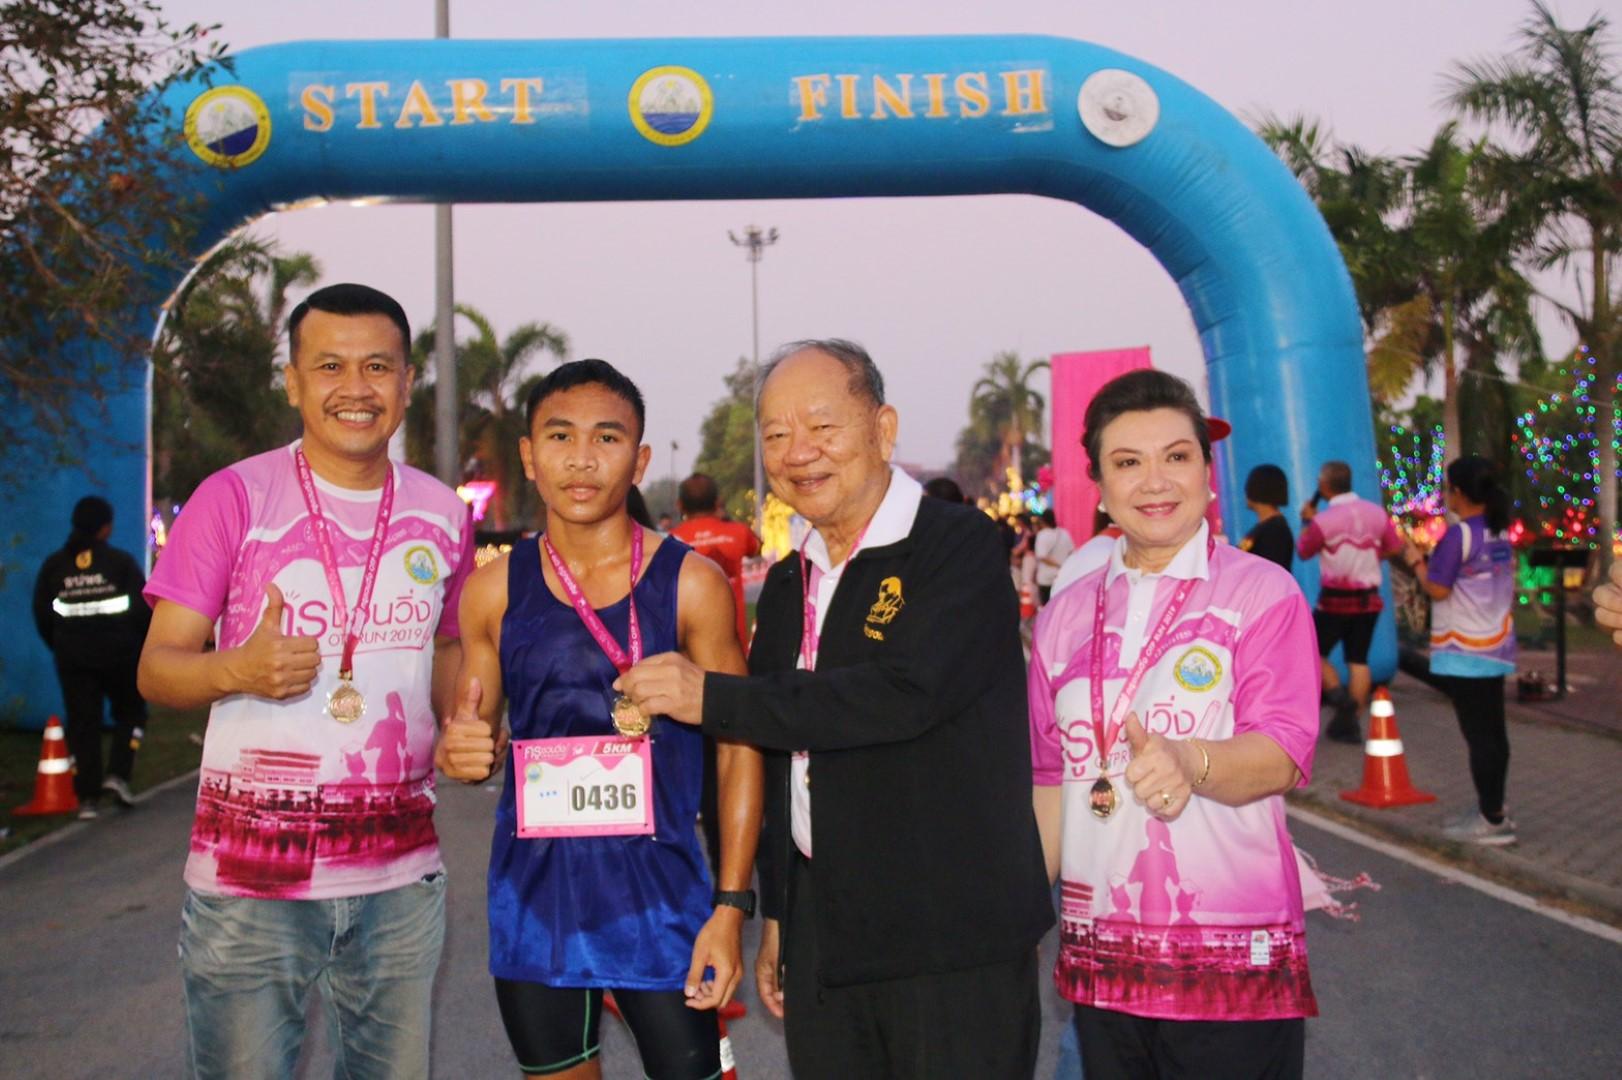 เทศบาลเมืองหนองปรือ จัดกิจกรรมครูชวนวิ่ง OTP RUN 2019 เพื่อเป็นทุนการศึกษานักเรียน